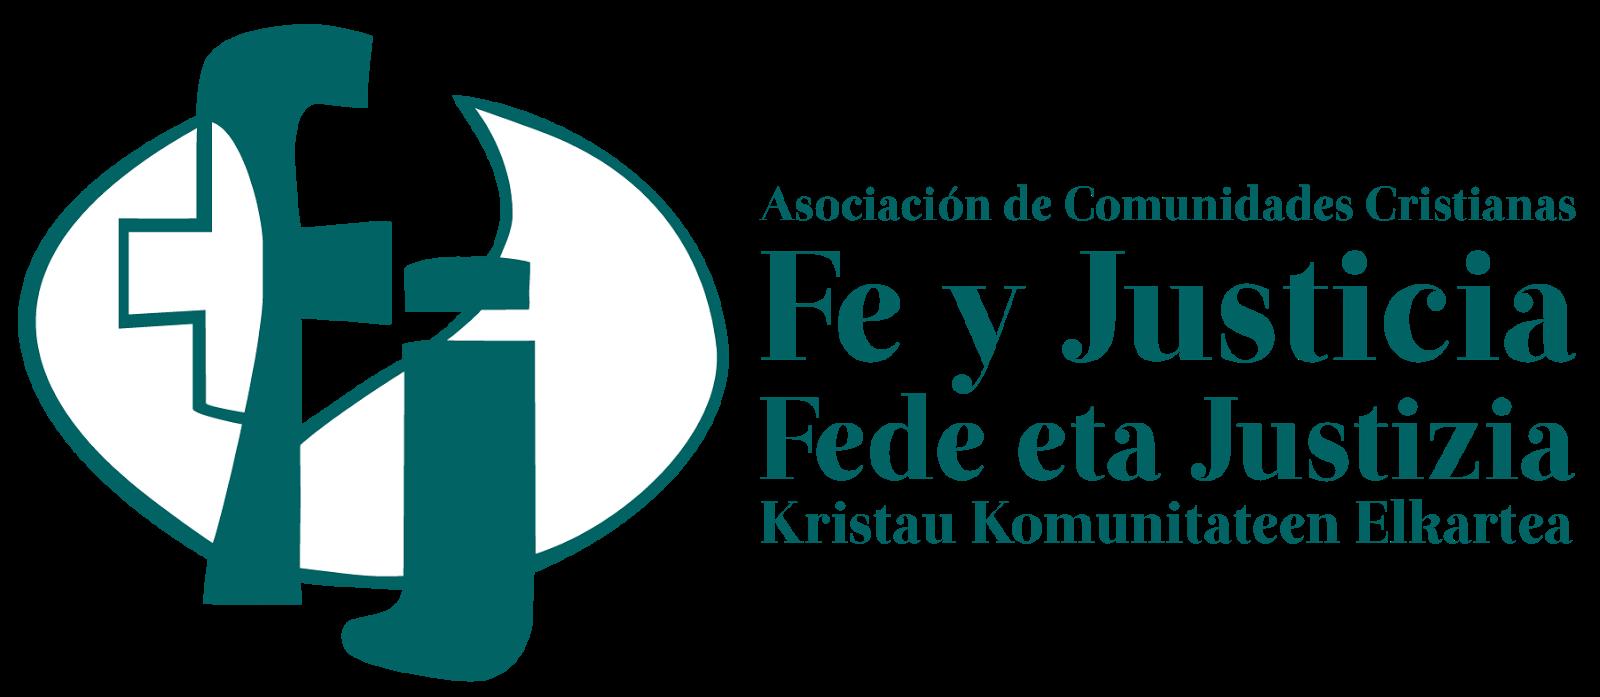 FÉ Y JUSTICIA / FEDE ETA JUSTIZIA